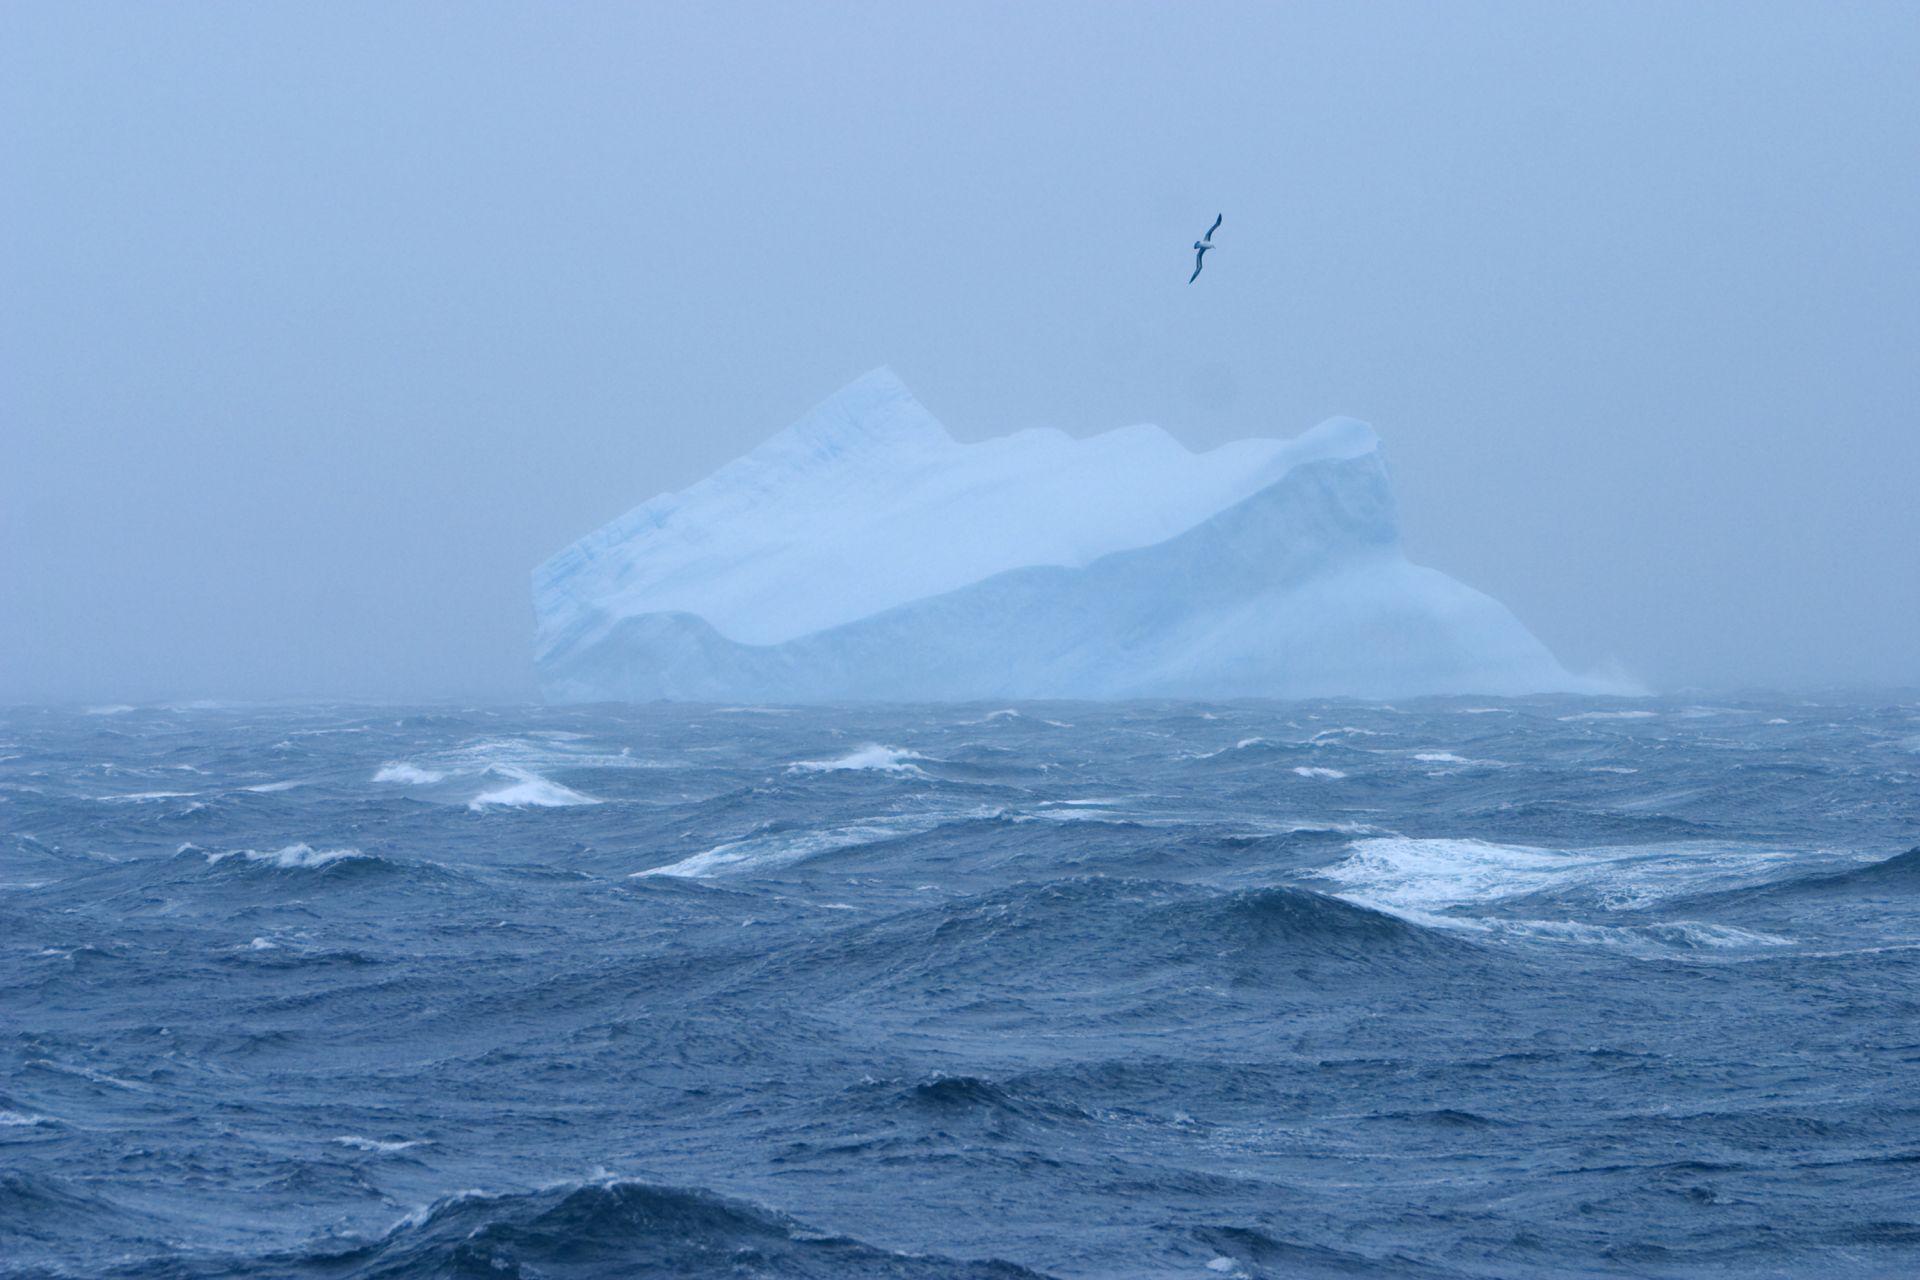 """المحيط الخامس """" لوبوان """" لأول مرة على خريطة العالم المحيط الجنوبي أين يقع المحيط الخامس"""